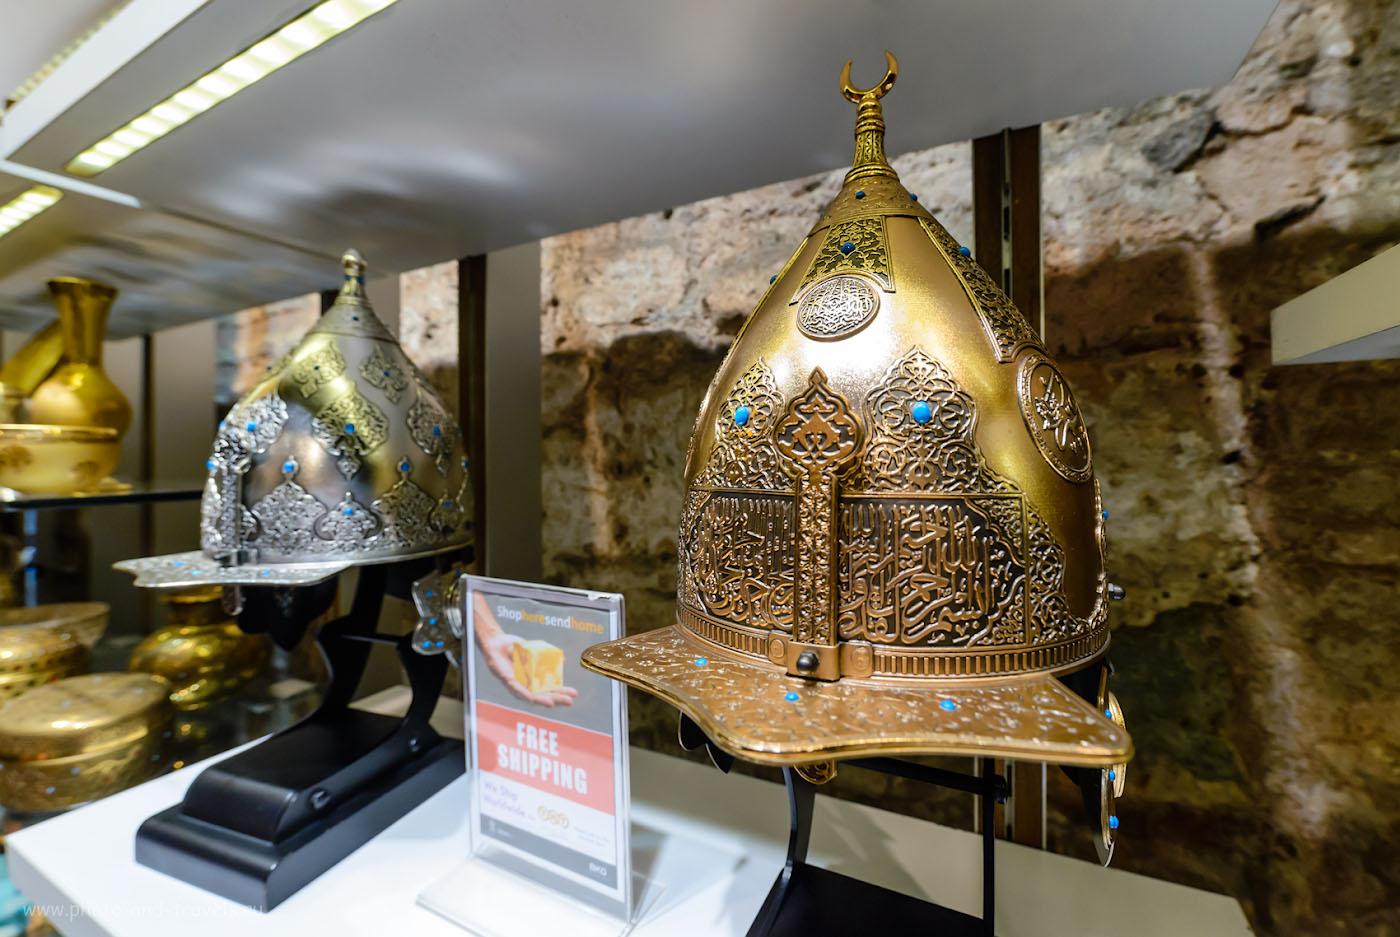 Фотография 33. Возможно, такие шлемы одевали воины, штурмовавшие стены Константинополя в 1453 году. Отзывы об экскурсии в собор Айя-София в Стамбуле. Поездка в Турцию дикарями. 1/400, 5.6, 2500, 14.